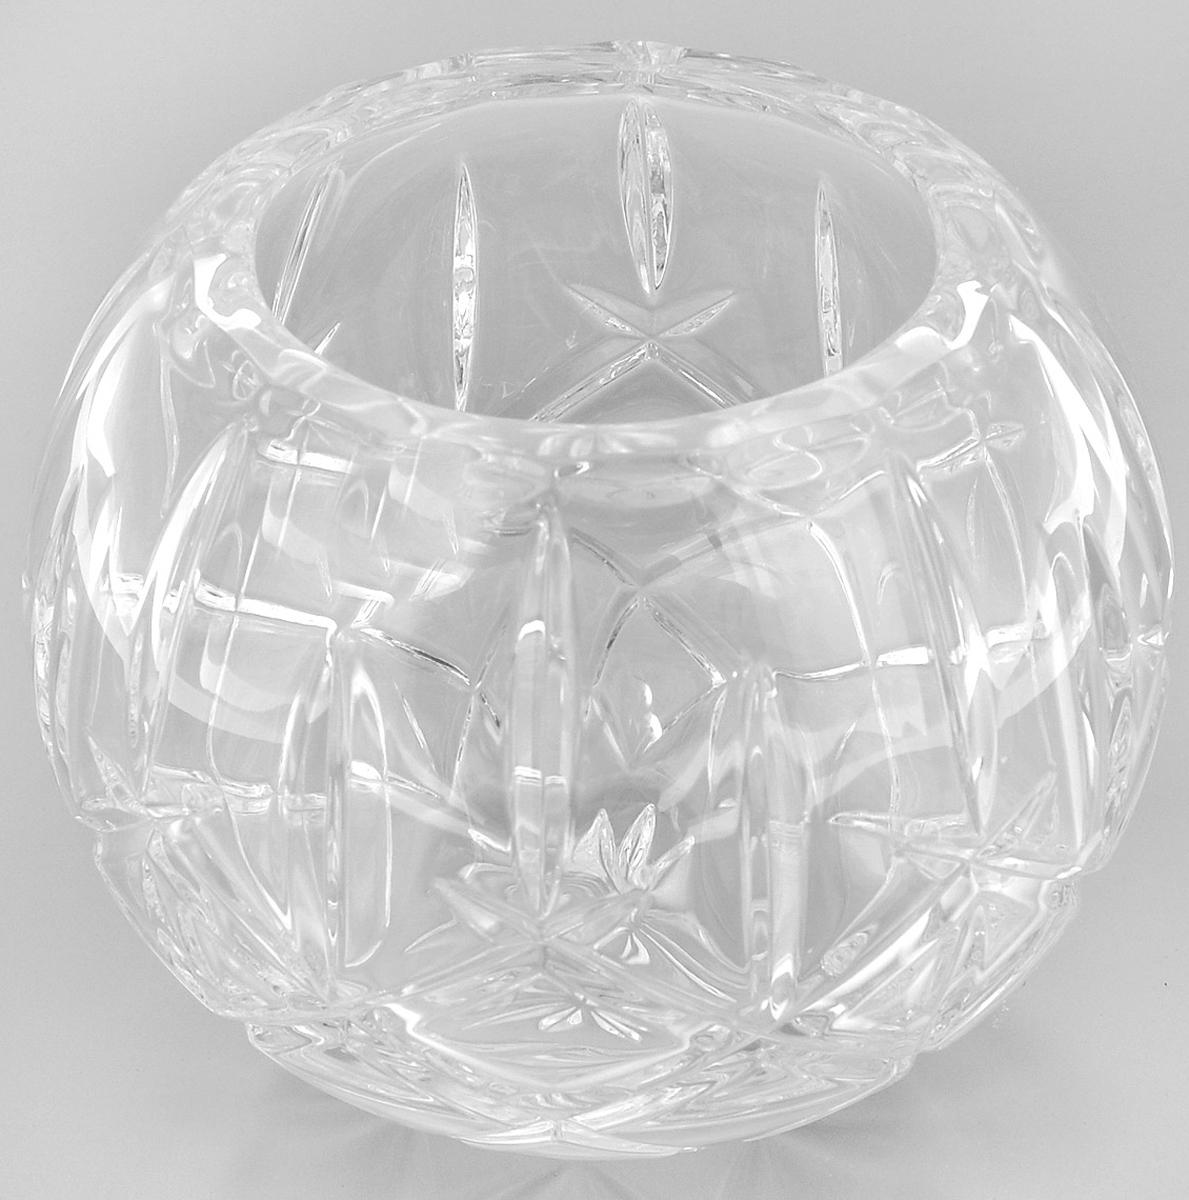 Ваза Crystal Bohemia Шар, диаметр 10 см290/69511/0/52820/175-109Ваза Crystal Bohemia Шар выполнена из прочного высококачественного хрусталя и декорирована рельефом. Она излучает приятный блеск и издает мелодичный звон. Ваза сочетает в себе изысканный дизайн с максимальной функциональностью. Ваза не только украсит дом и подчеркнет ваш прекрасный вкус, но и станет отличным подарком.Высота: 14 см.Диаметр по верхнему краю: 10 см.Диаметр основания: 7 см.